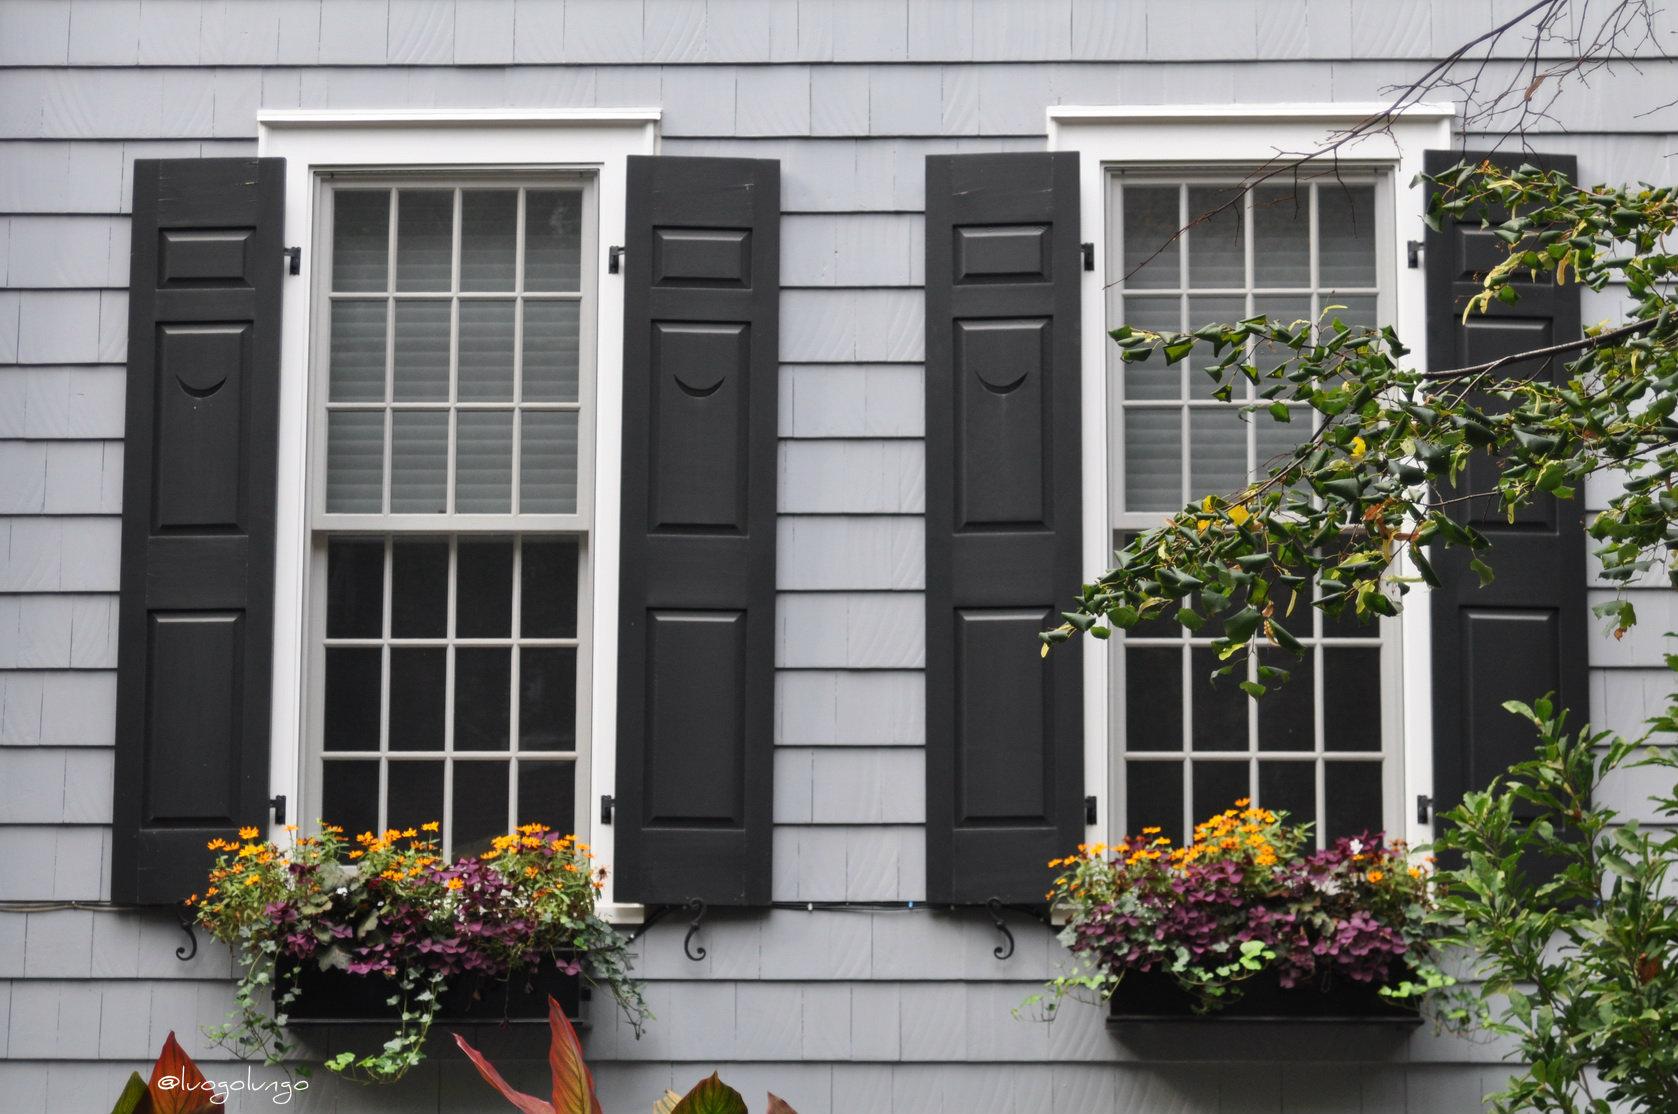 Le finestre di brooklyn 2 luogo lungo - Verniciare le finestre ...